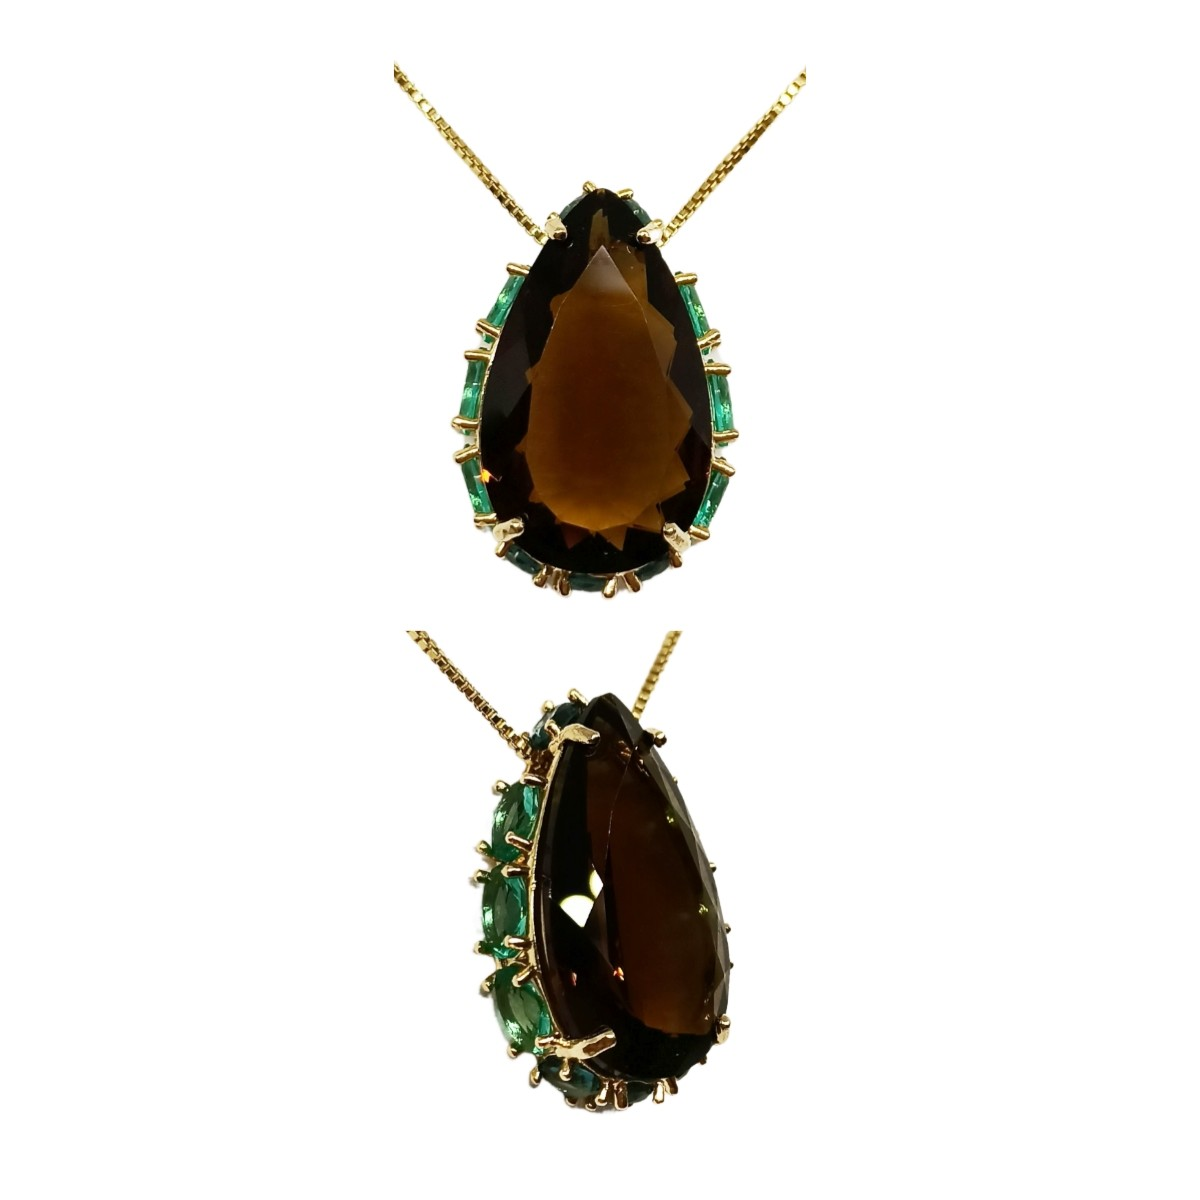 Colar Gota Grande Cristal 18 x 25, Cravação Lateral, folheado a Ouro 18K